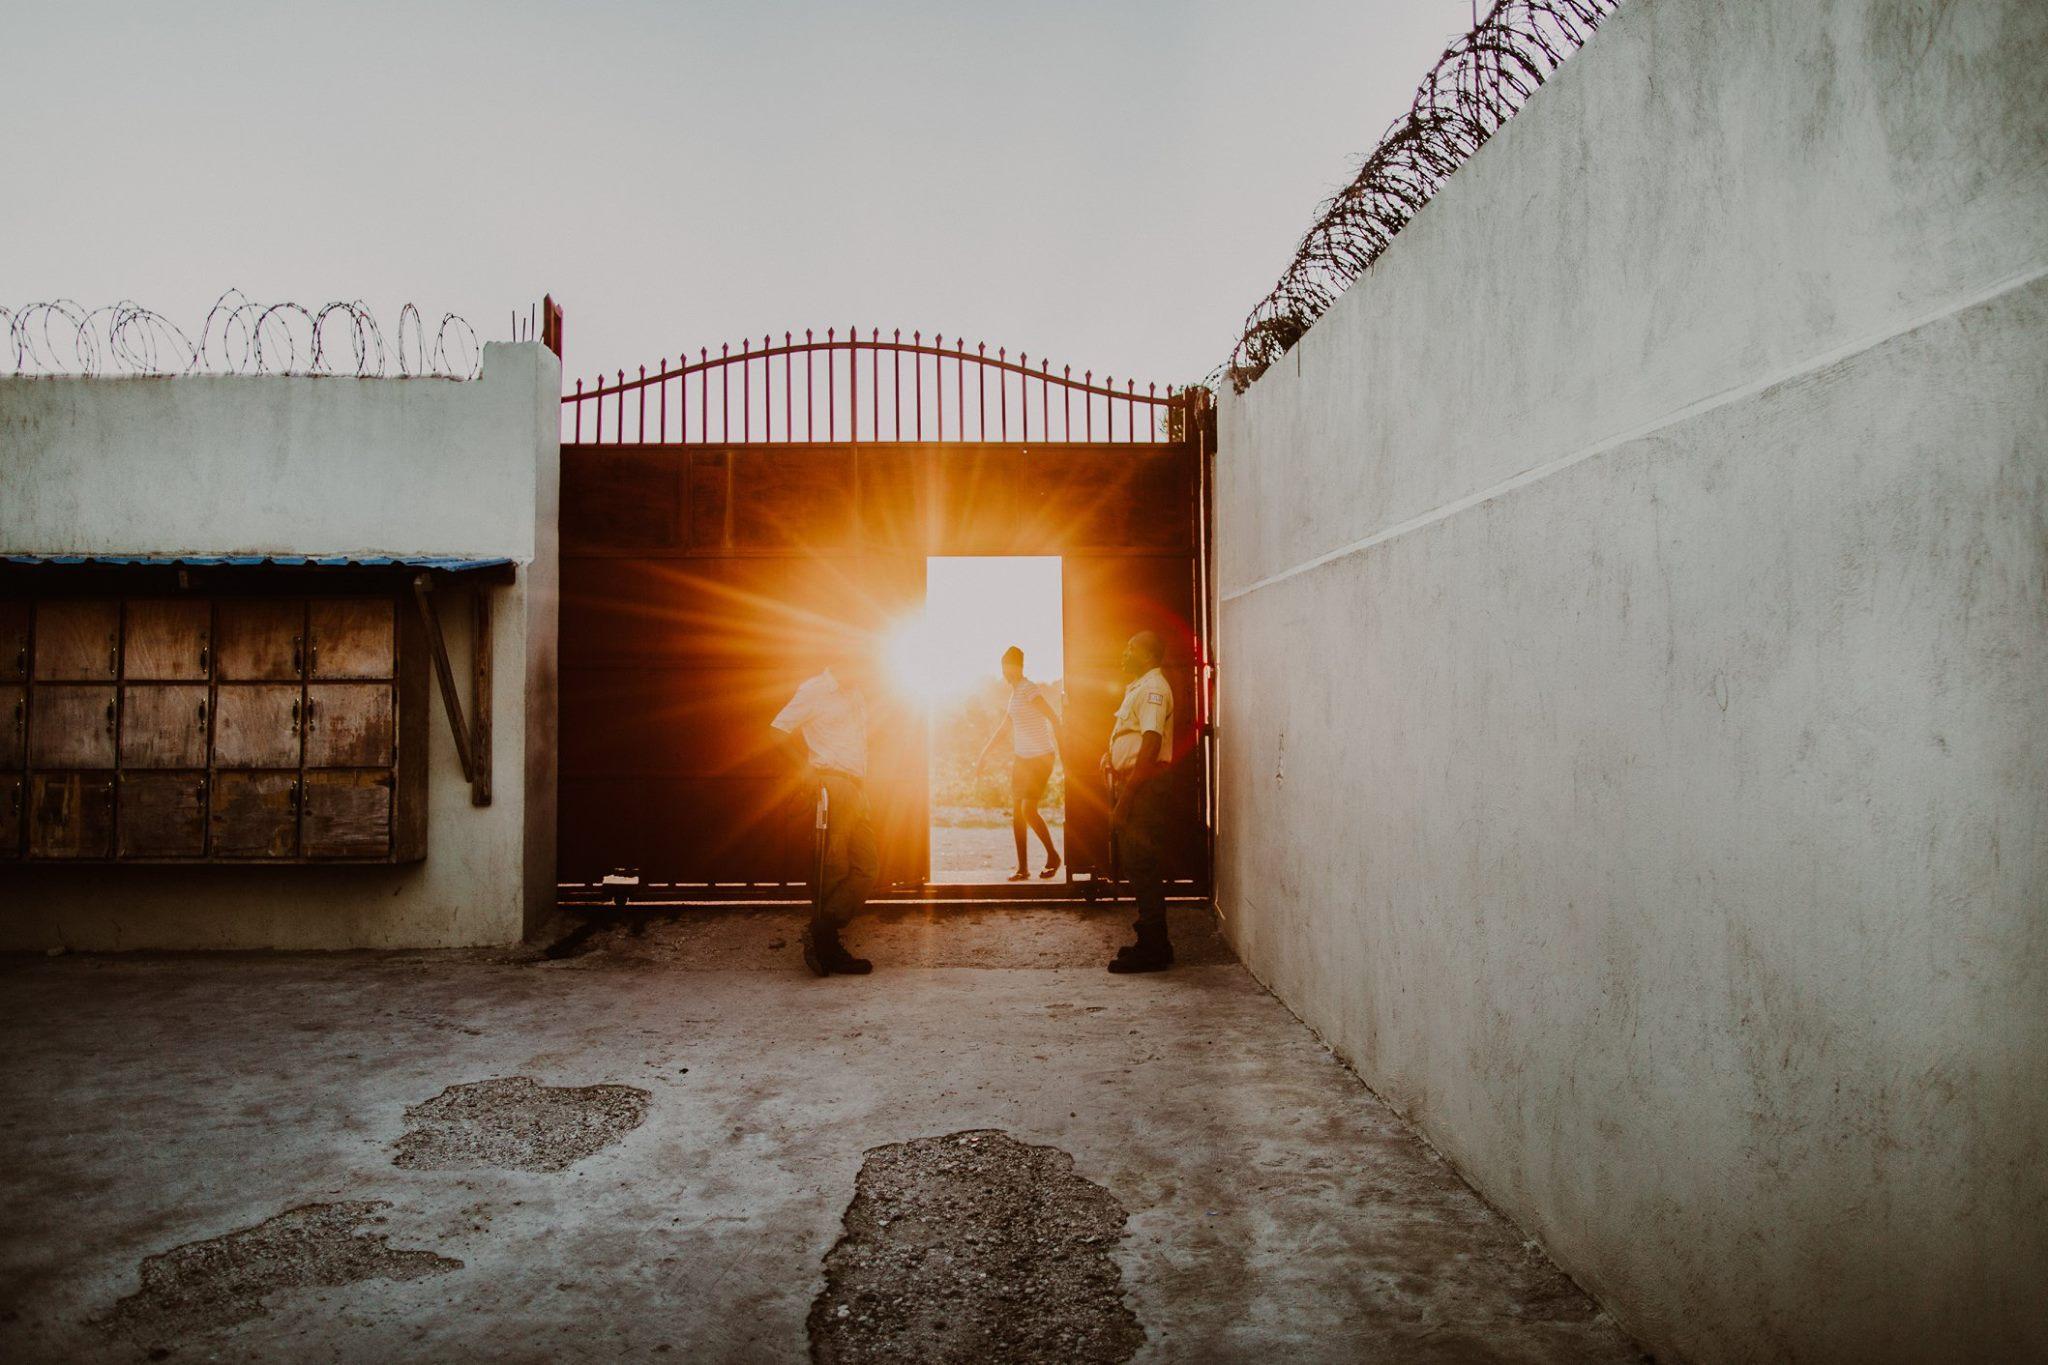 Be the Light by Jennifer Veuleman King